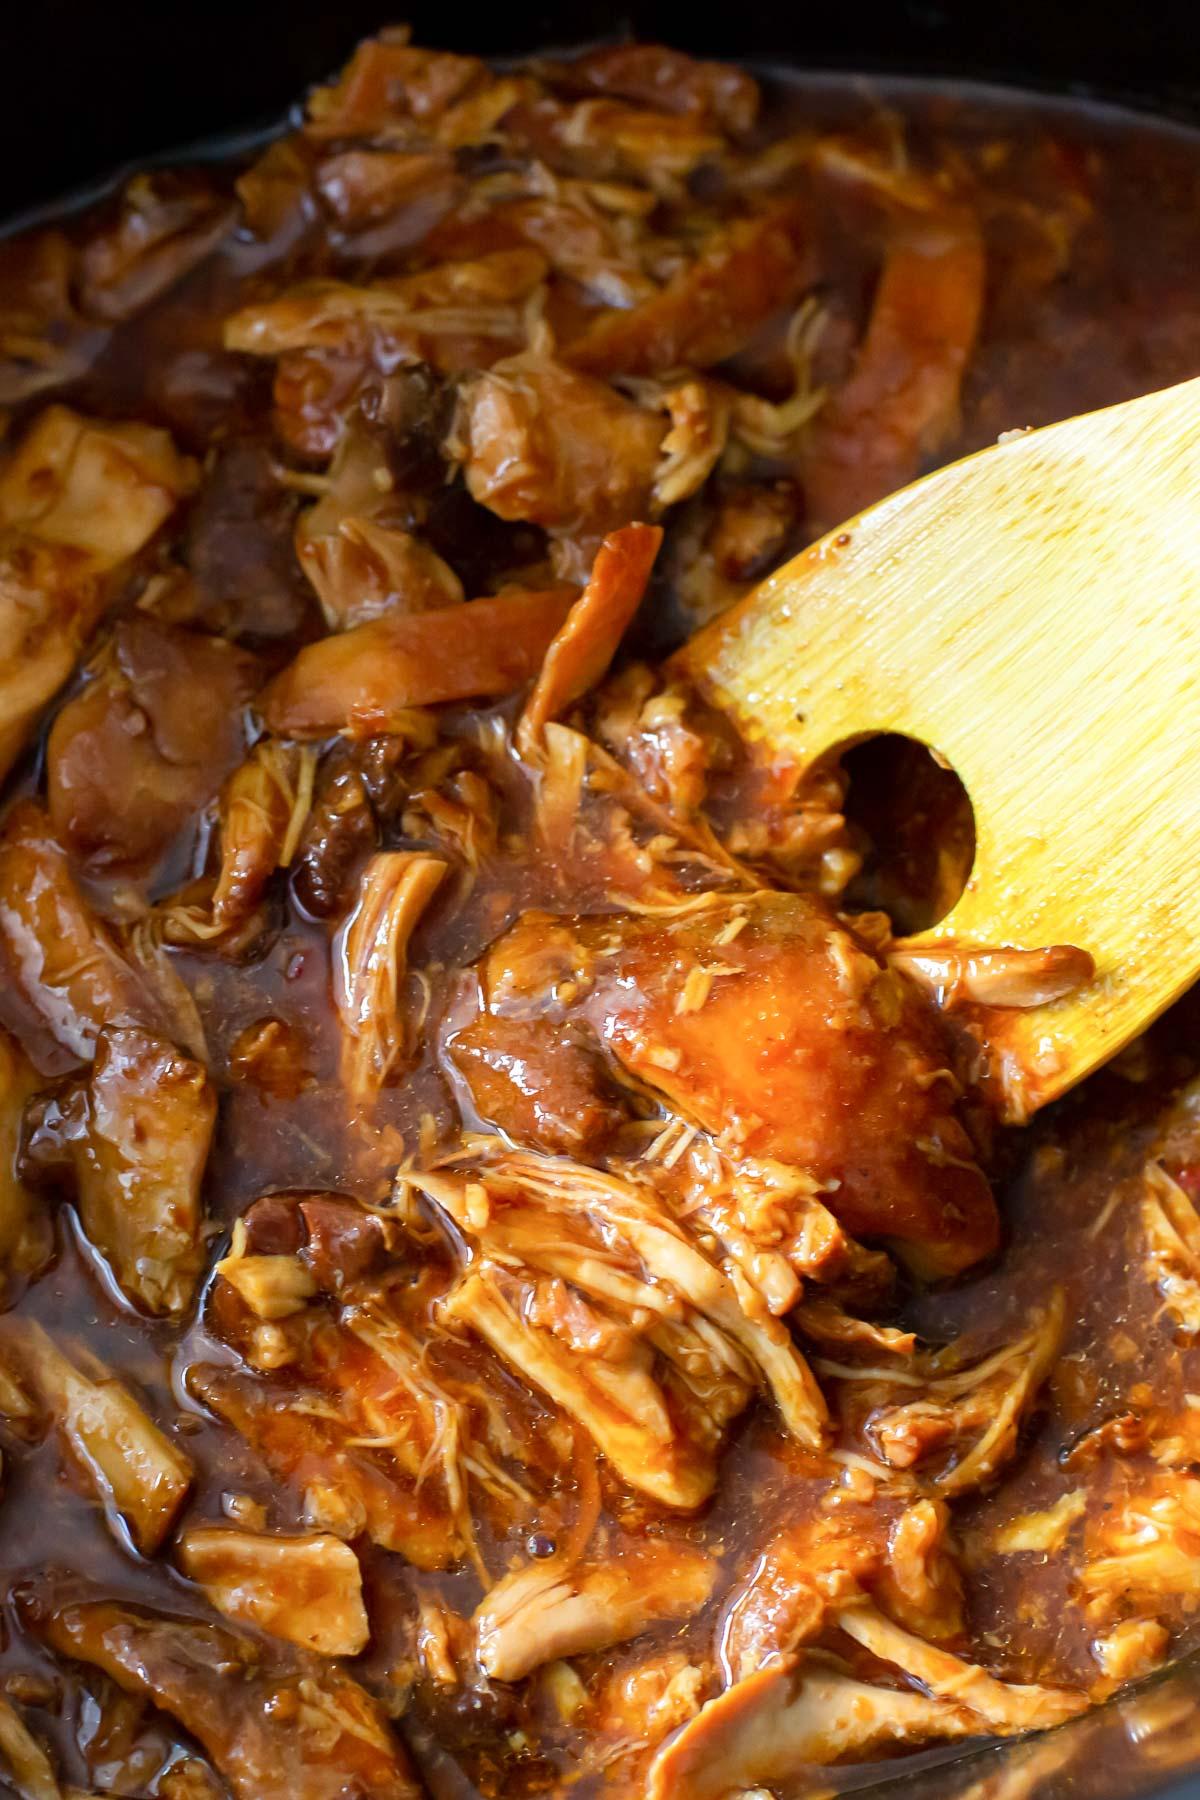 shredded chicken in honey sesame sauce in crockpot